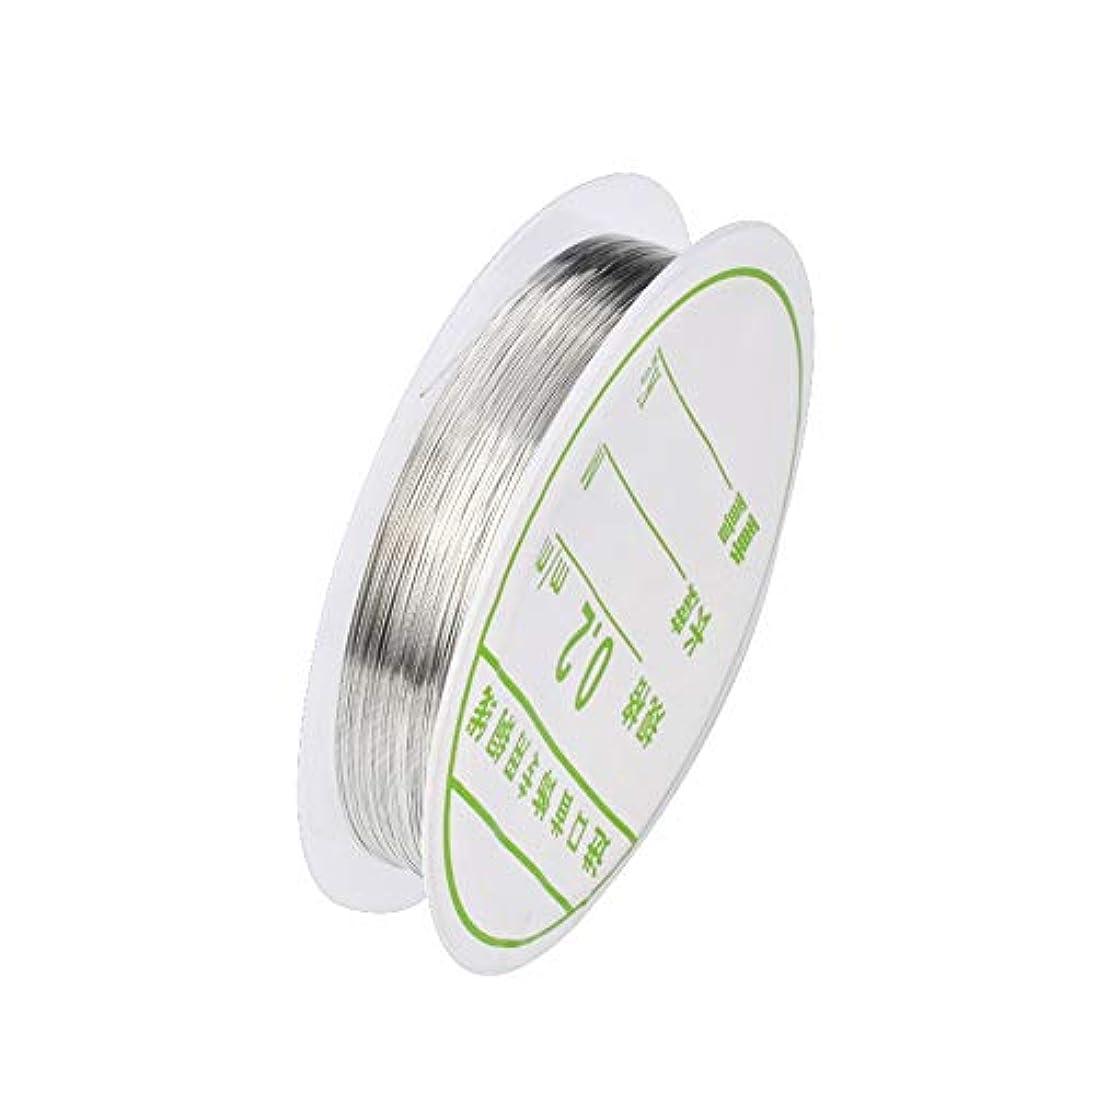 正当化する許容できるボイコット1個ワイヤーネイルアートデコレーションチャームラインDIYデザイン3Dのヒントラインストーンジュエリーマニキュア用品,銀